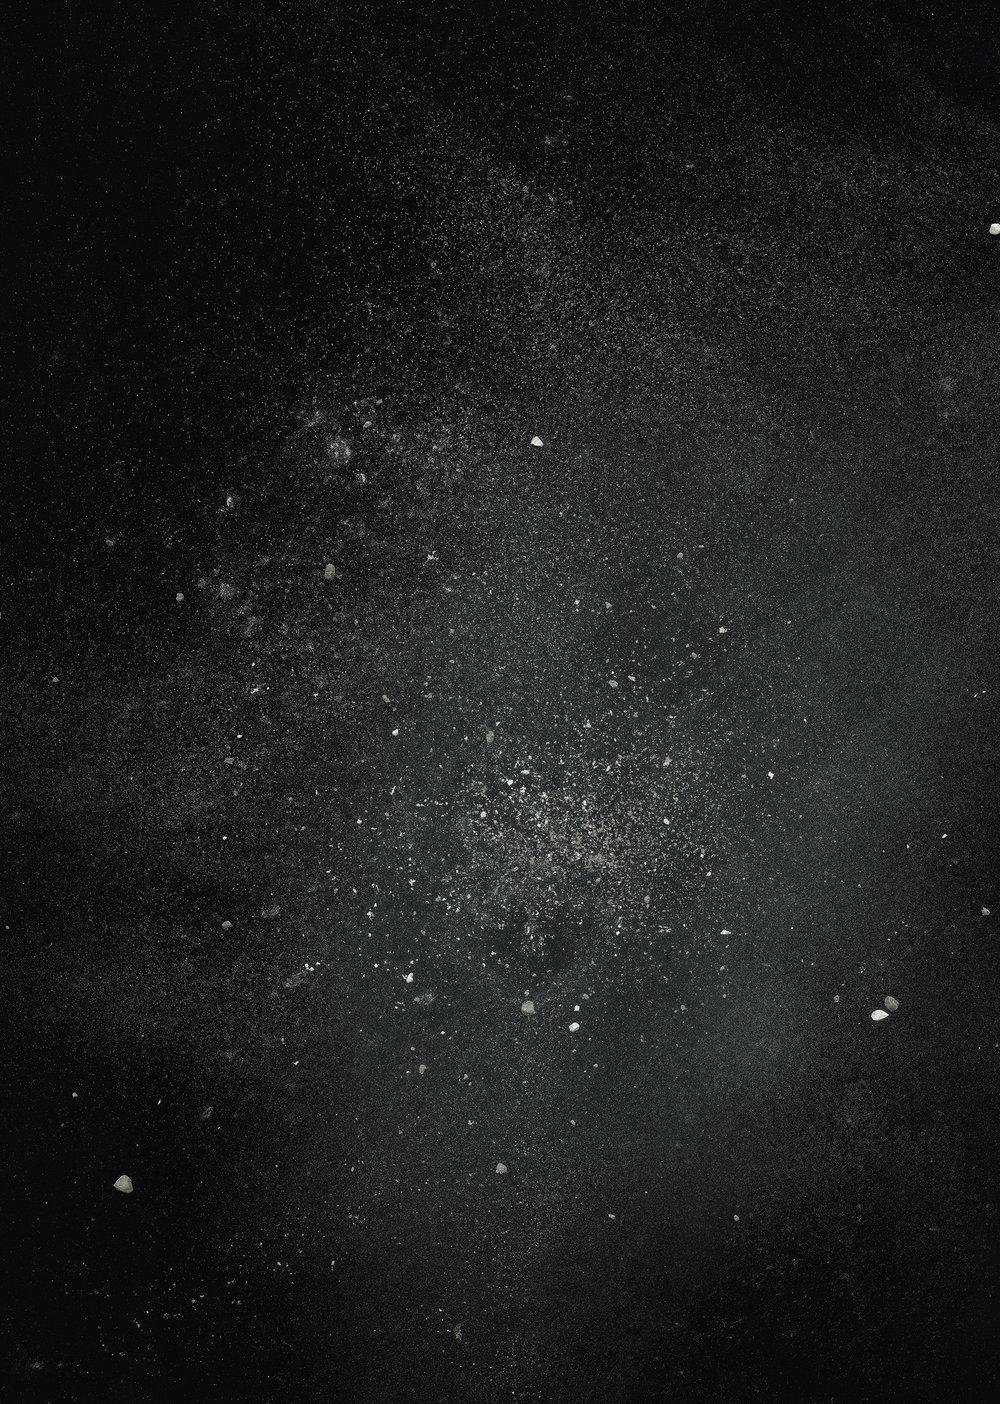 planetarisk tåke-14.jpg